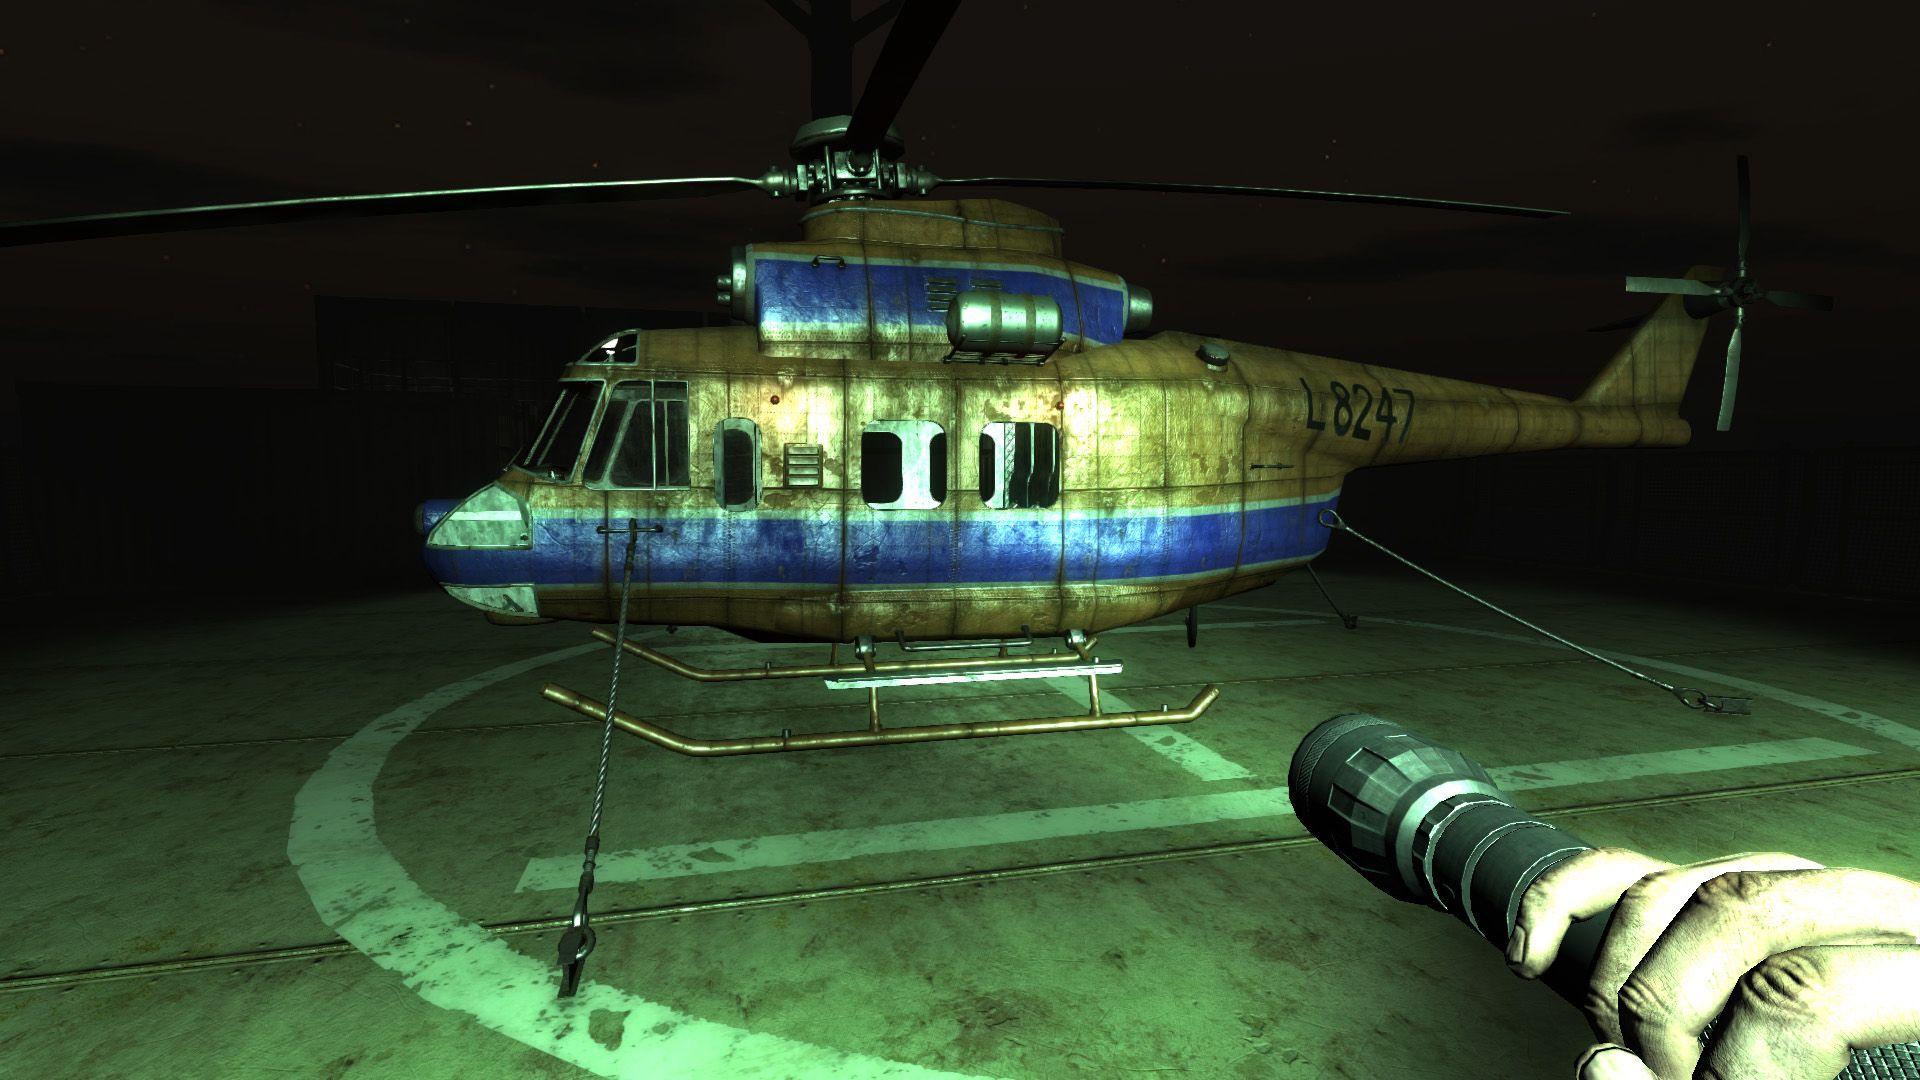 Monstrum. S vrtulníky jsem to ve hrách nikdy moc neuměl. Takže tentokrát jsem byl šťastnej. Tenhle neumí lítat.